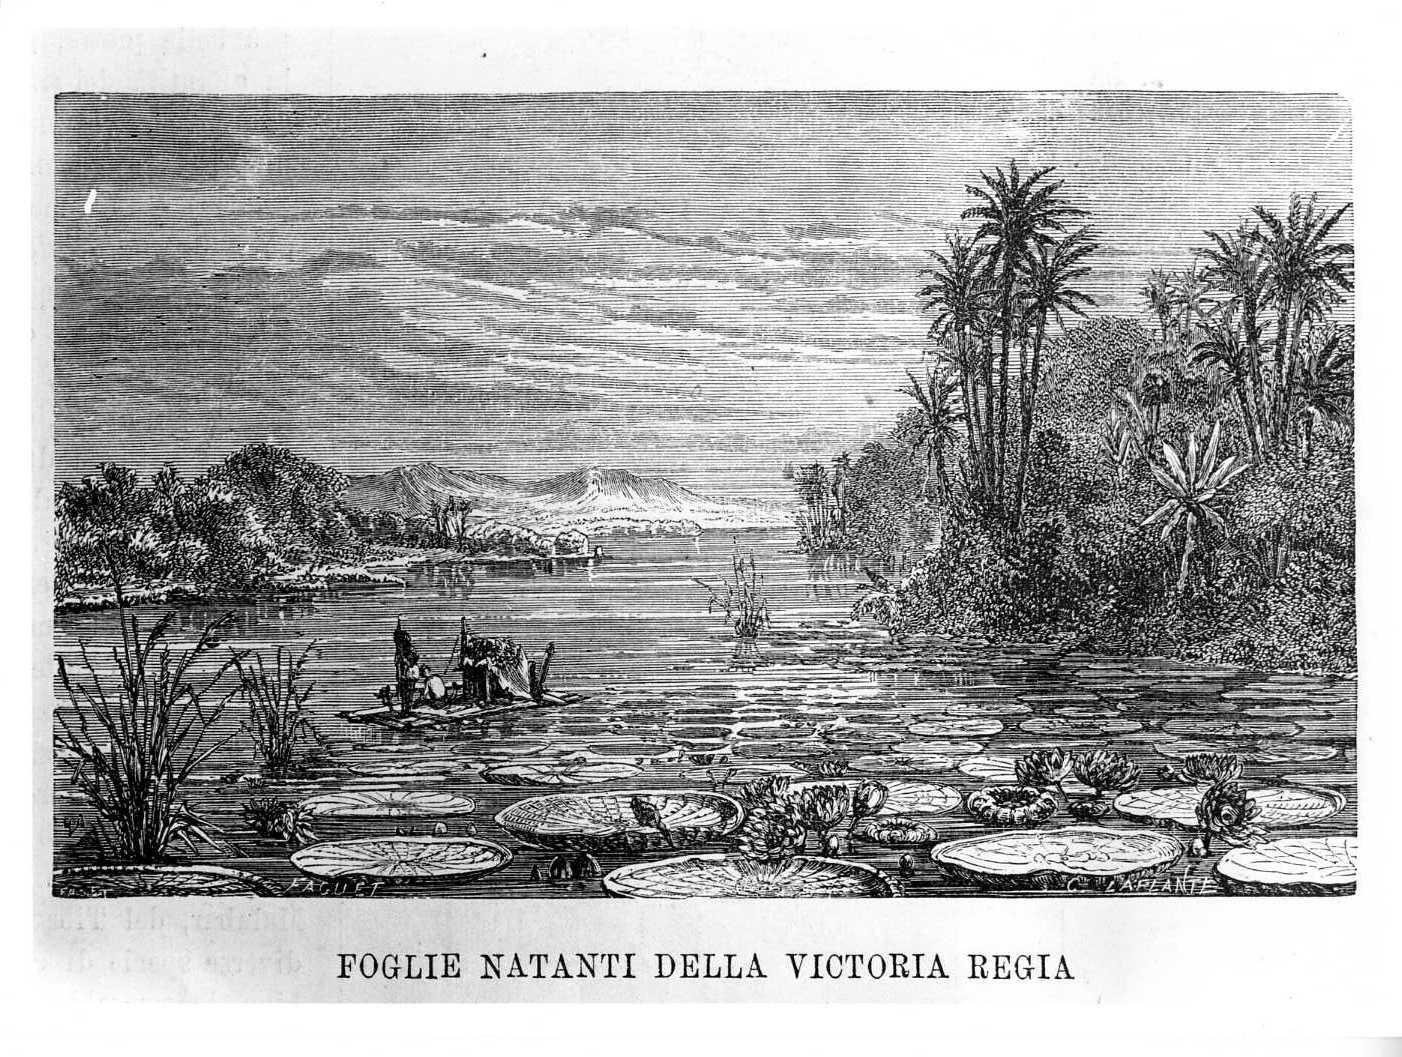 Foglie natanti della Victoria Regia, paesaggio fluviale (stampa) di Laplante Charles (attribuito), Faguet A (attribuito) (sec. XIX)